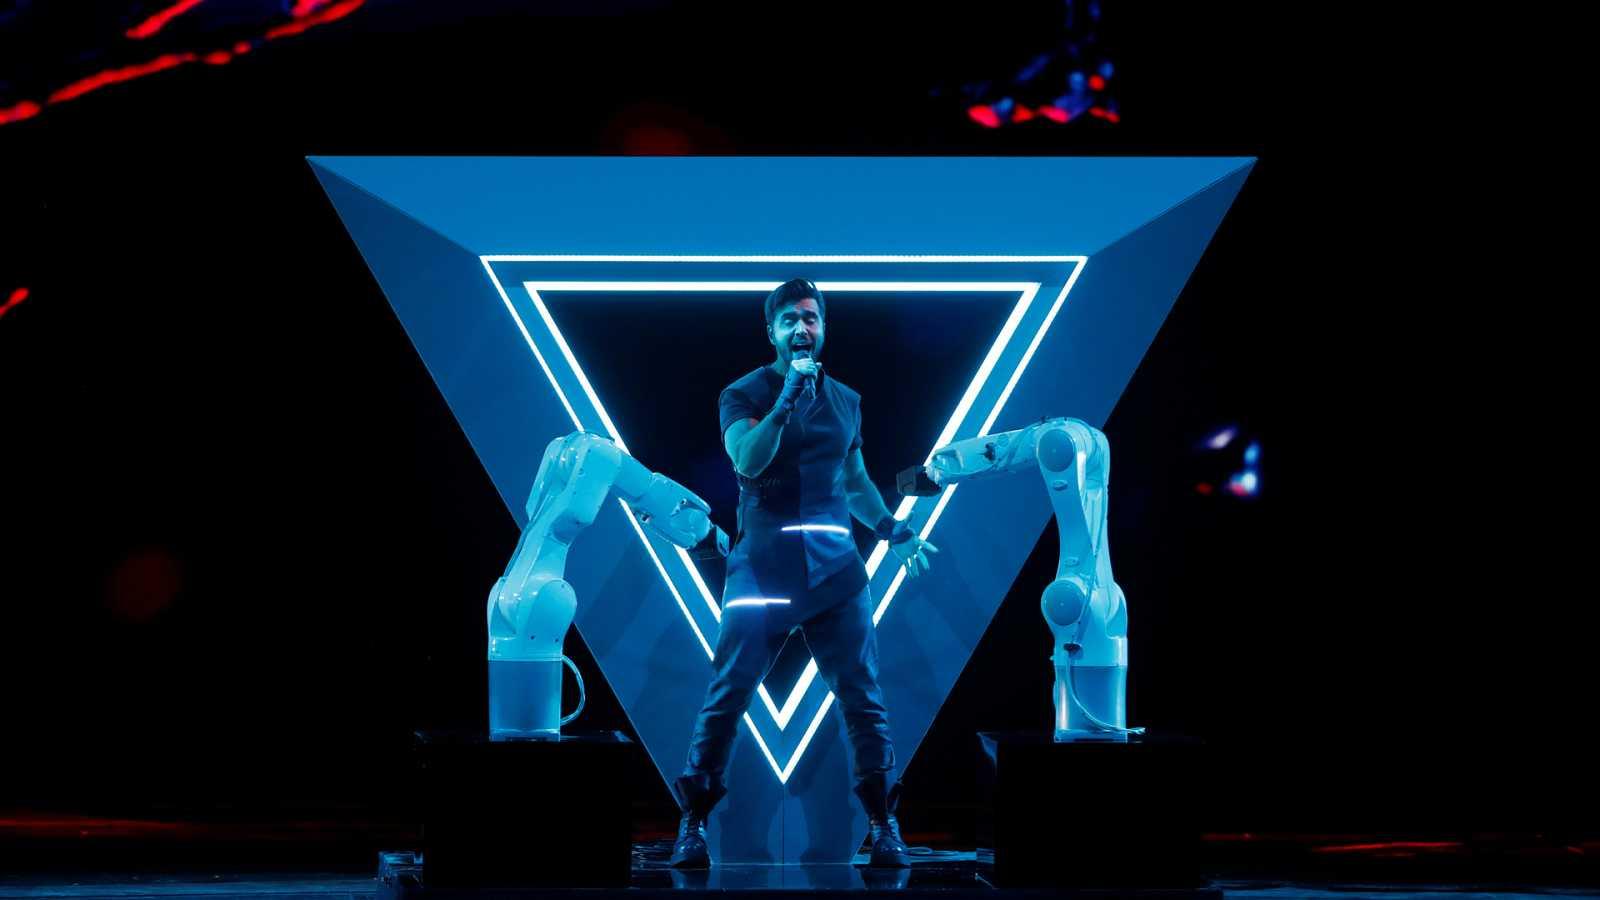 Eurovisión 2019 - Minuto de Azerbaiján en el ensayo general de la segunda semifinal